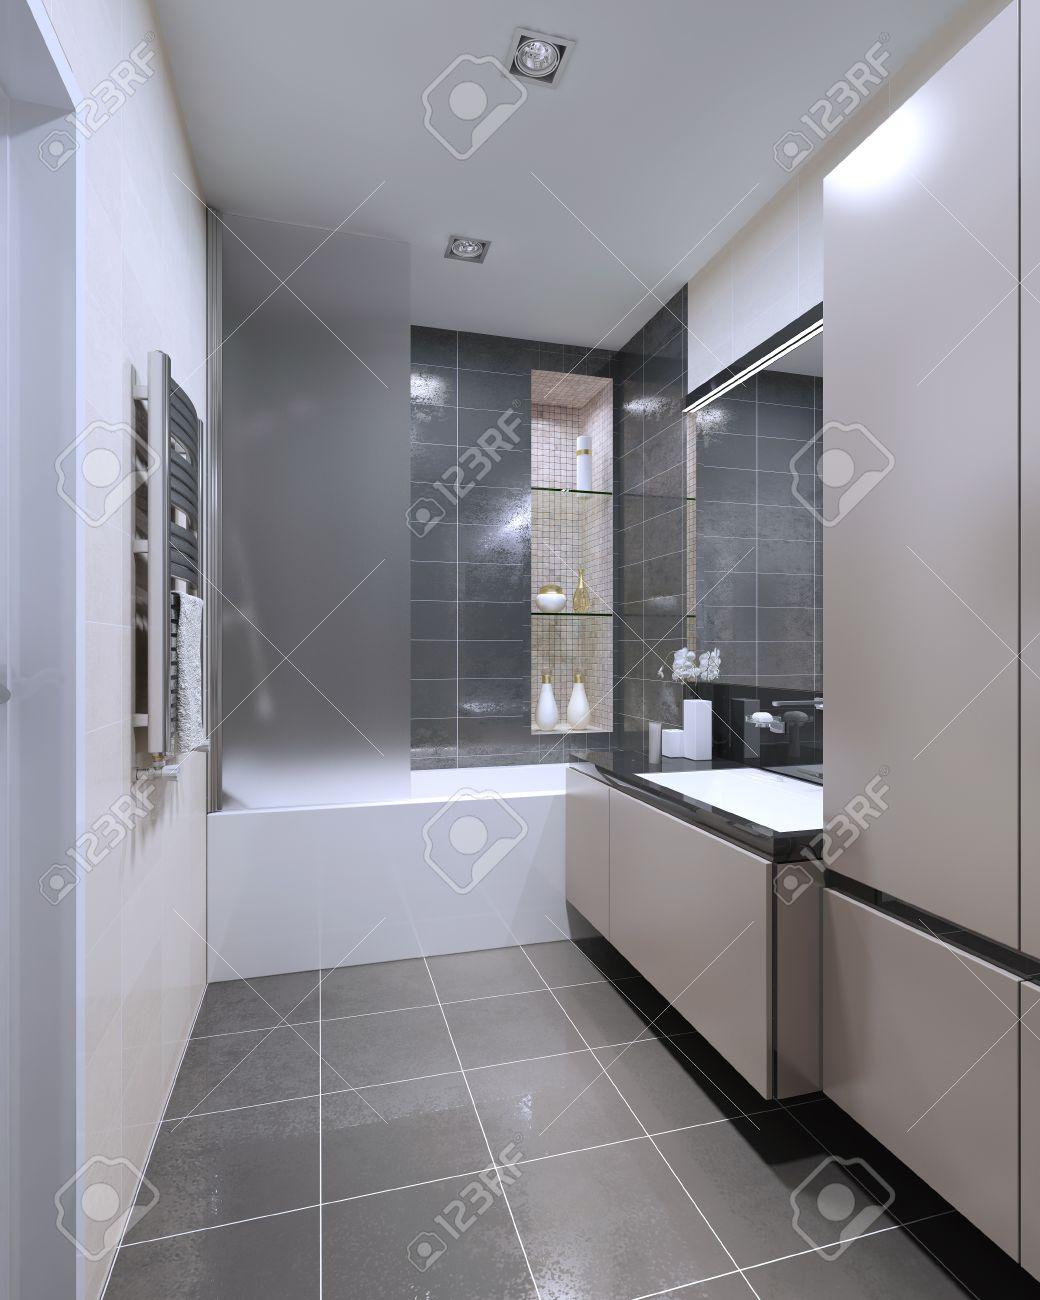 Salle De Bains Design Moderne. Matt Meubles, Douche Combinée Avec ...